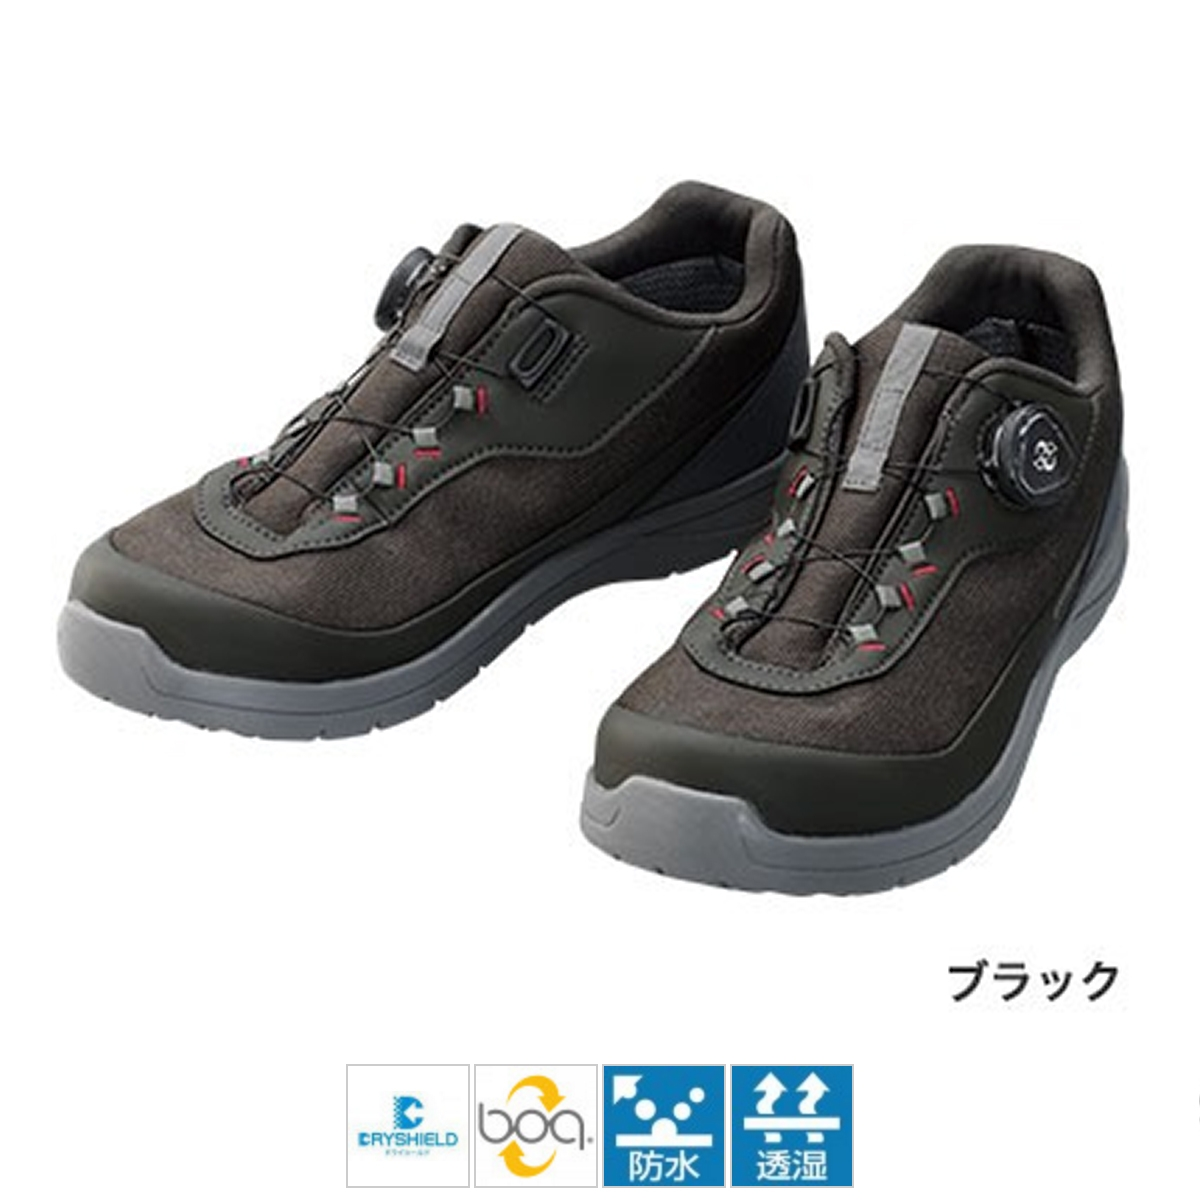 シマノ ドライシールド デッキラジアルフィットシューズ LW FS-081Q 27.5cm ブラック